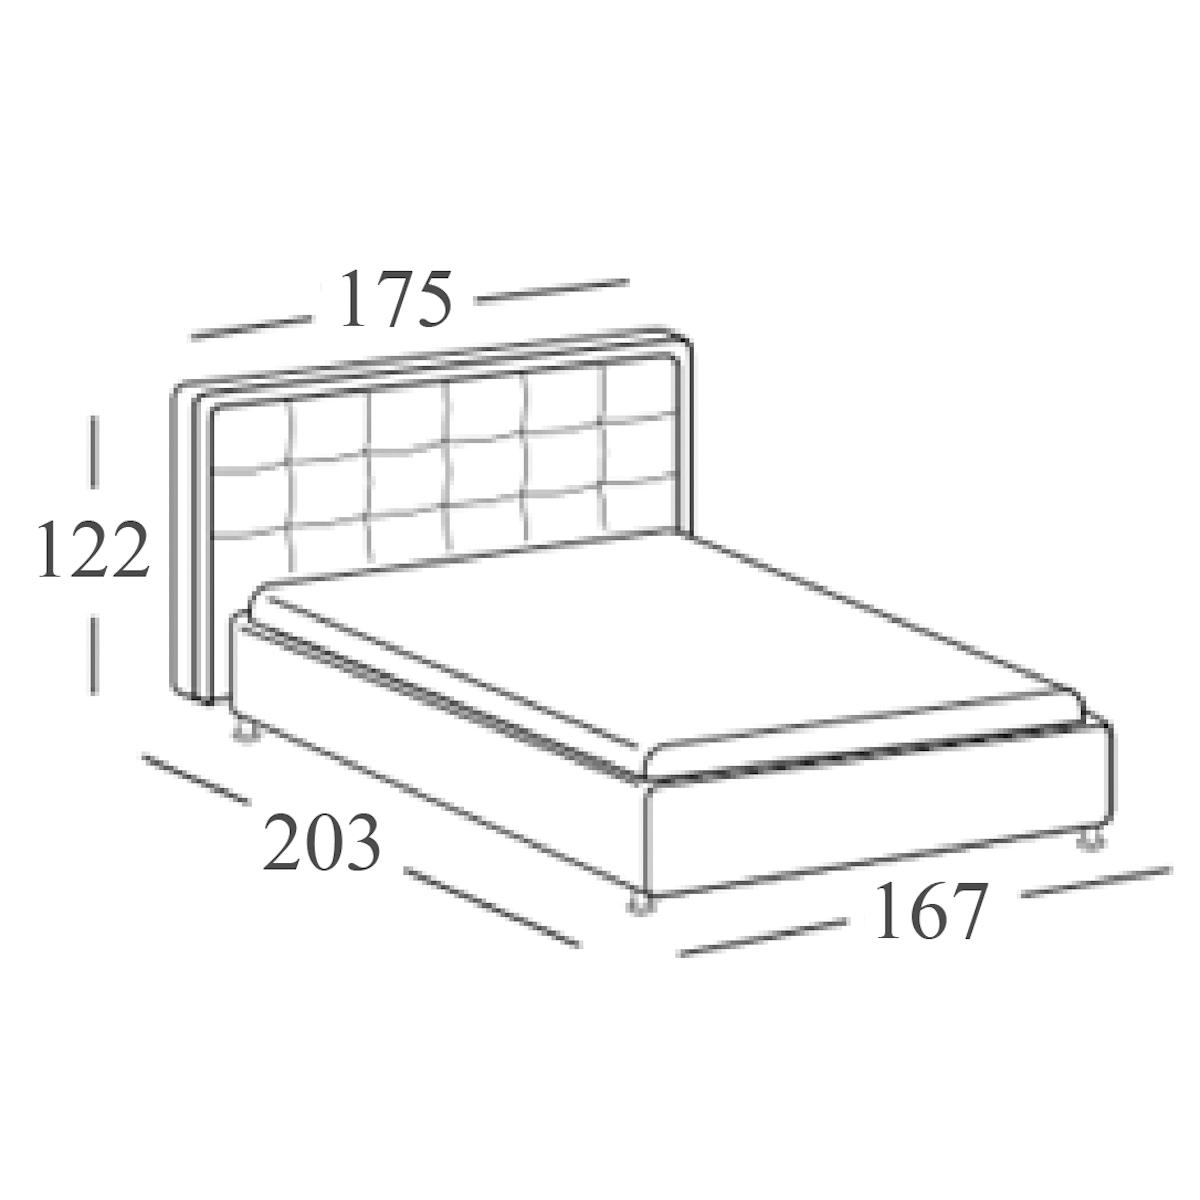 02 ciclamino letto imbottito aabed - Misure cuscino letto ...